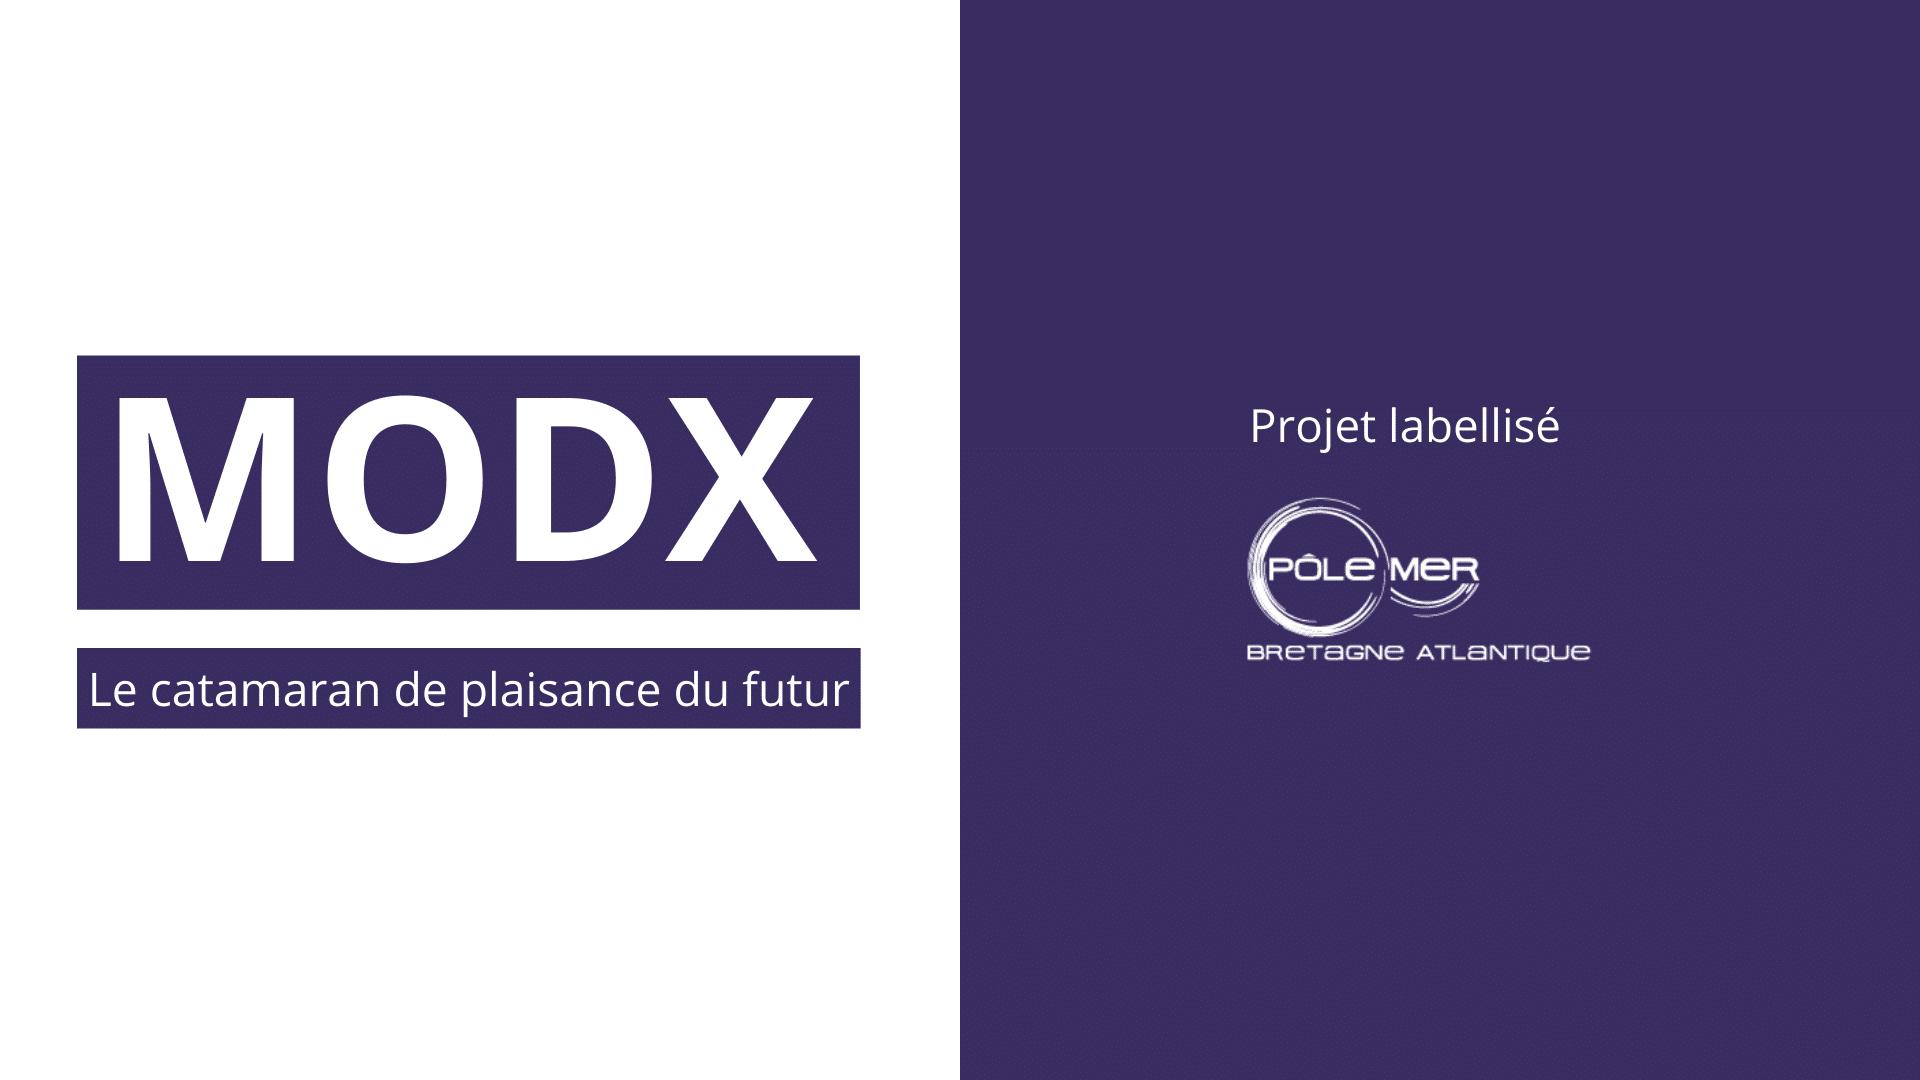 MODX – le catamaran de plaisance du futur – labellisé par le Pôle Mer Bretagne Atlantique